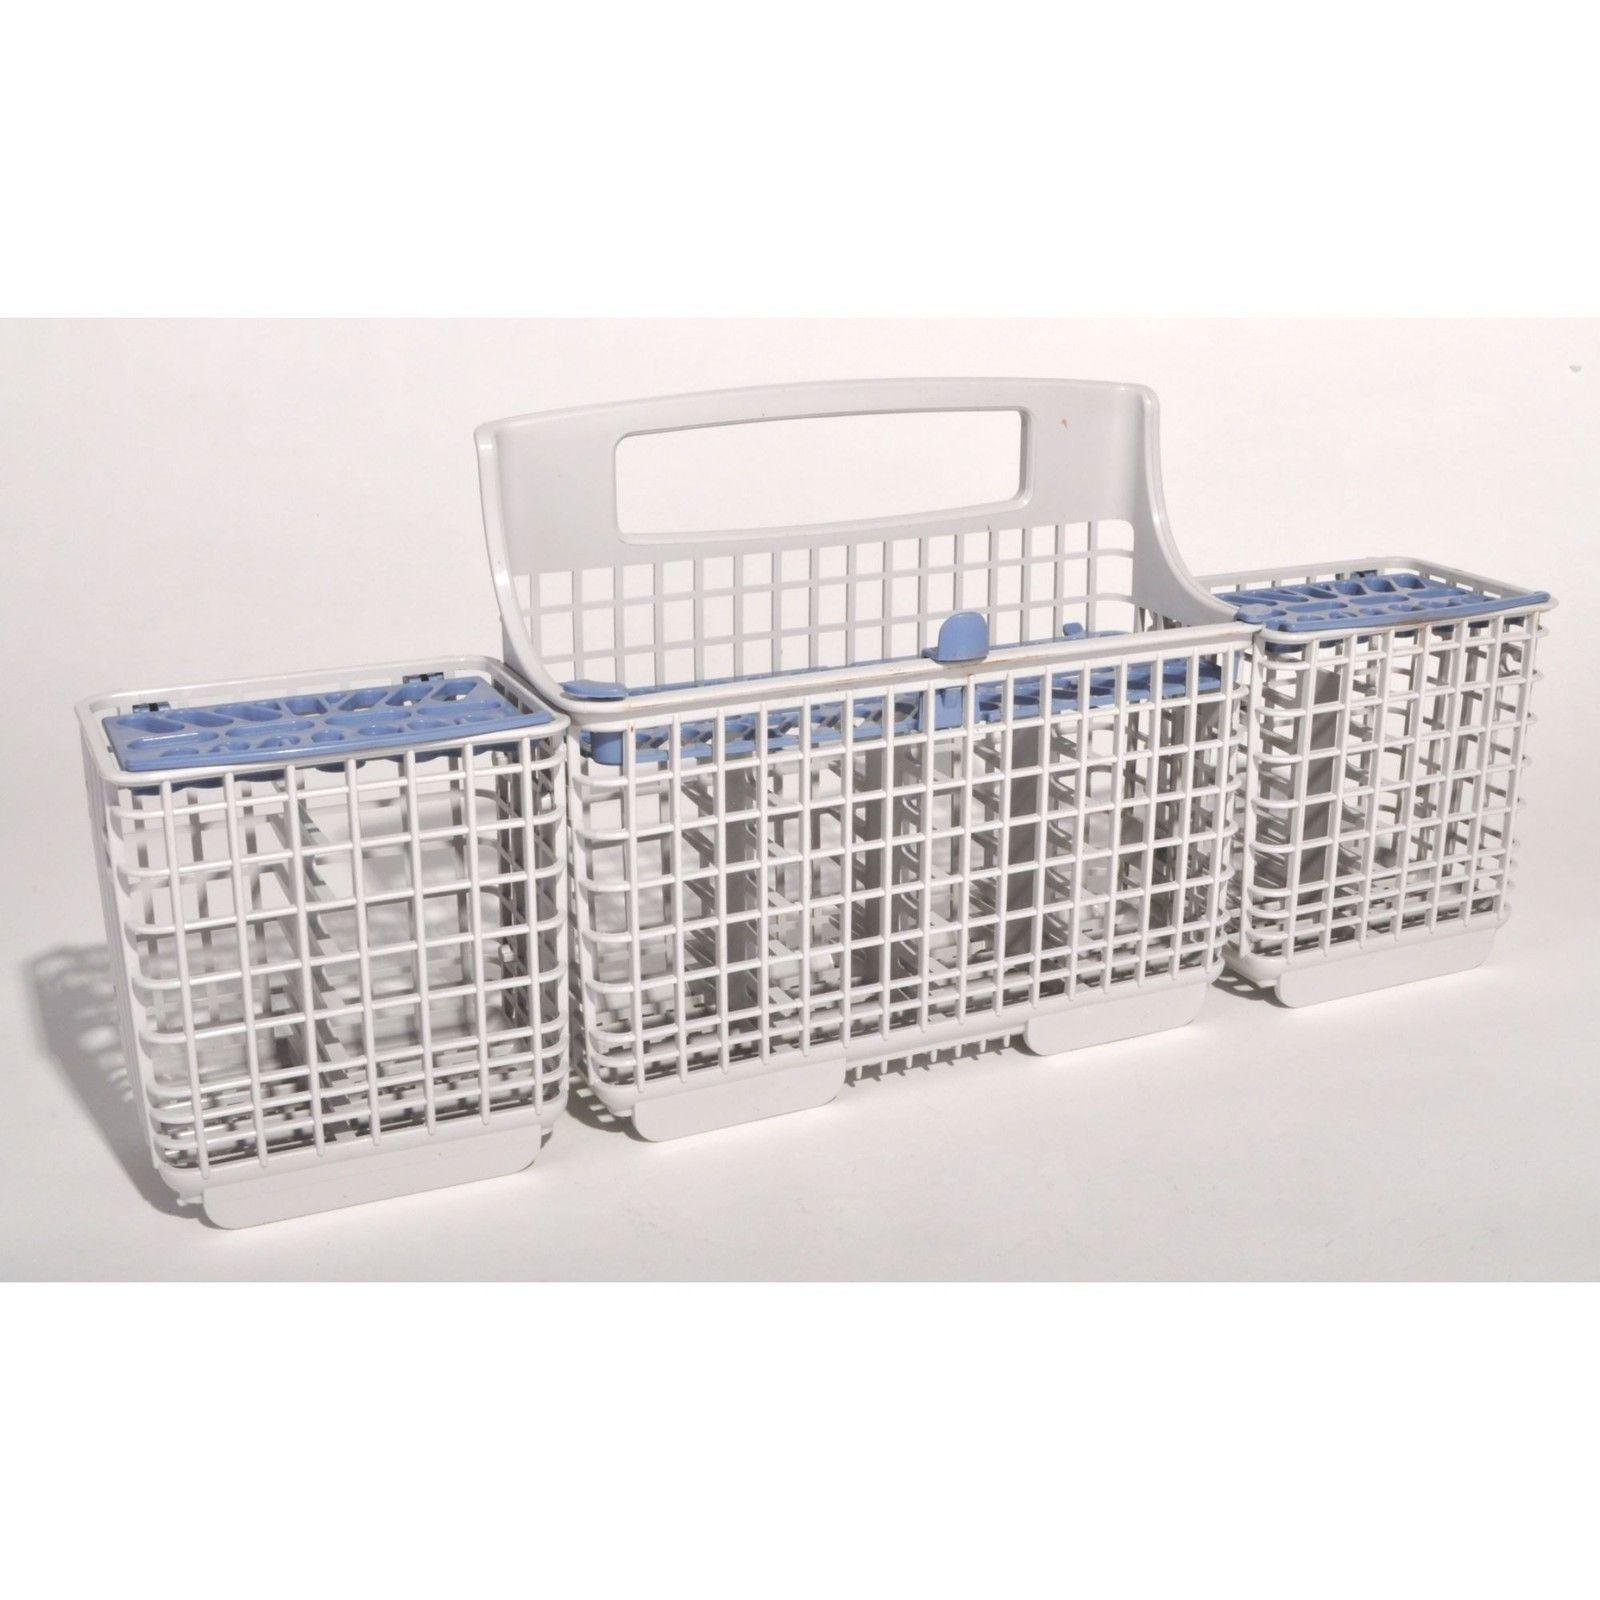 Kuang 8562085 Whirlpool Kenmore Dishwasher Silverware Basket